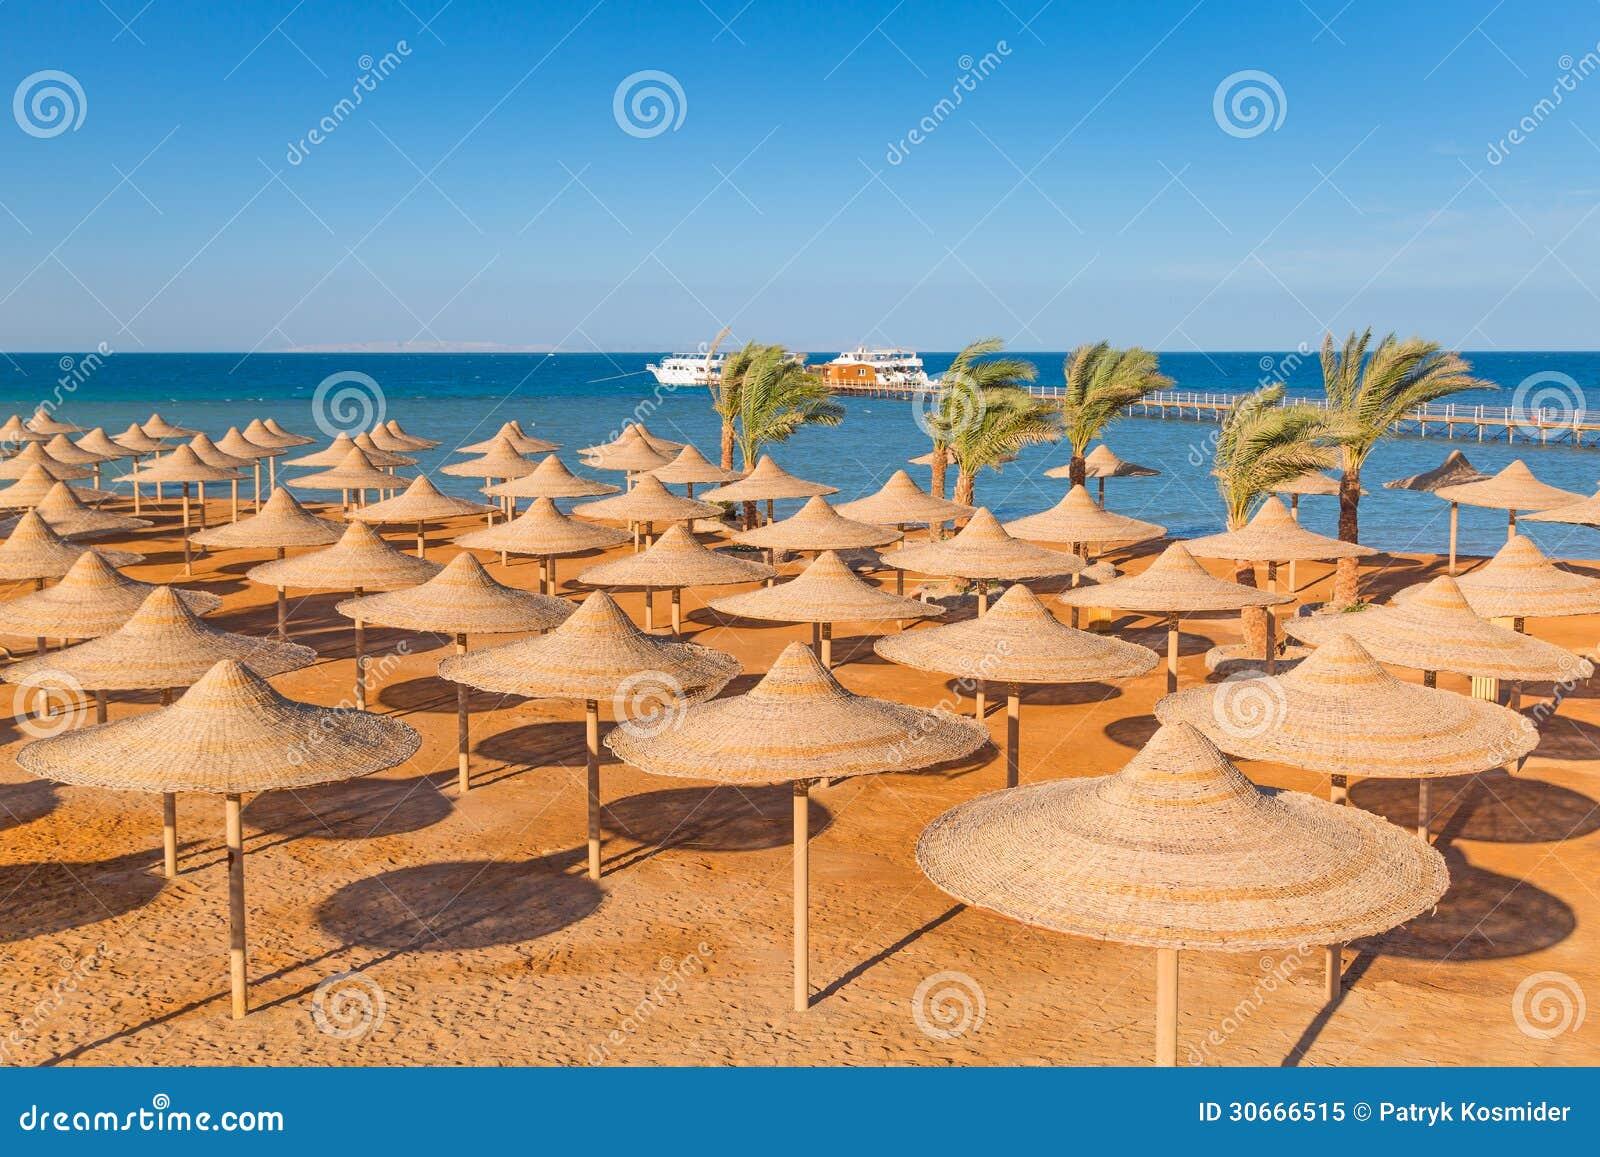 Egyptiska slags solskydd på stranden